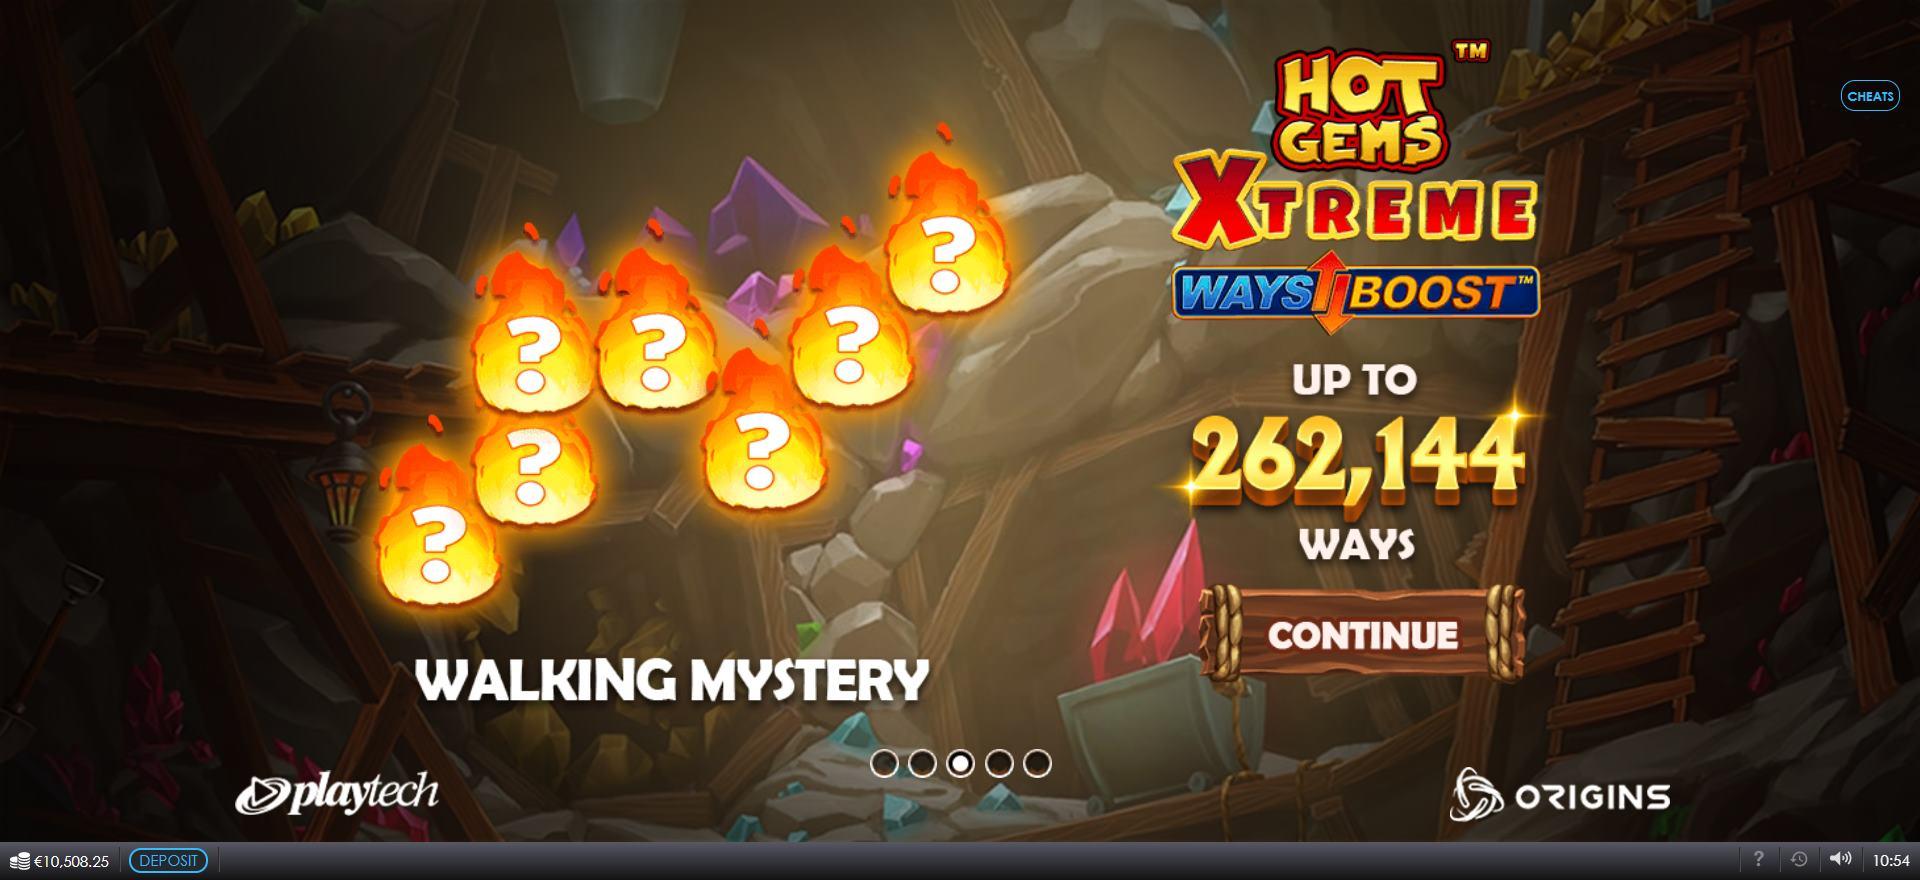 Hot Gems Xtreme Main